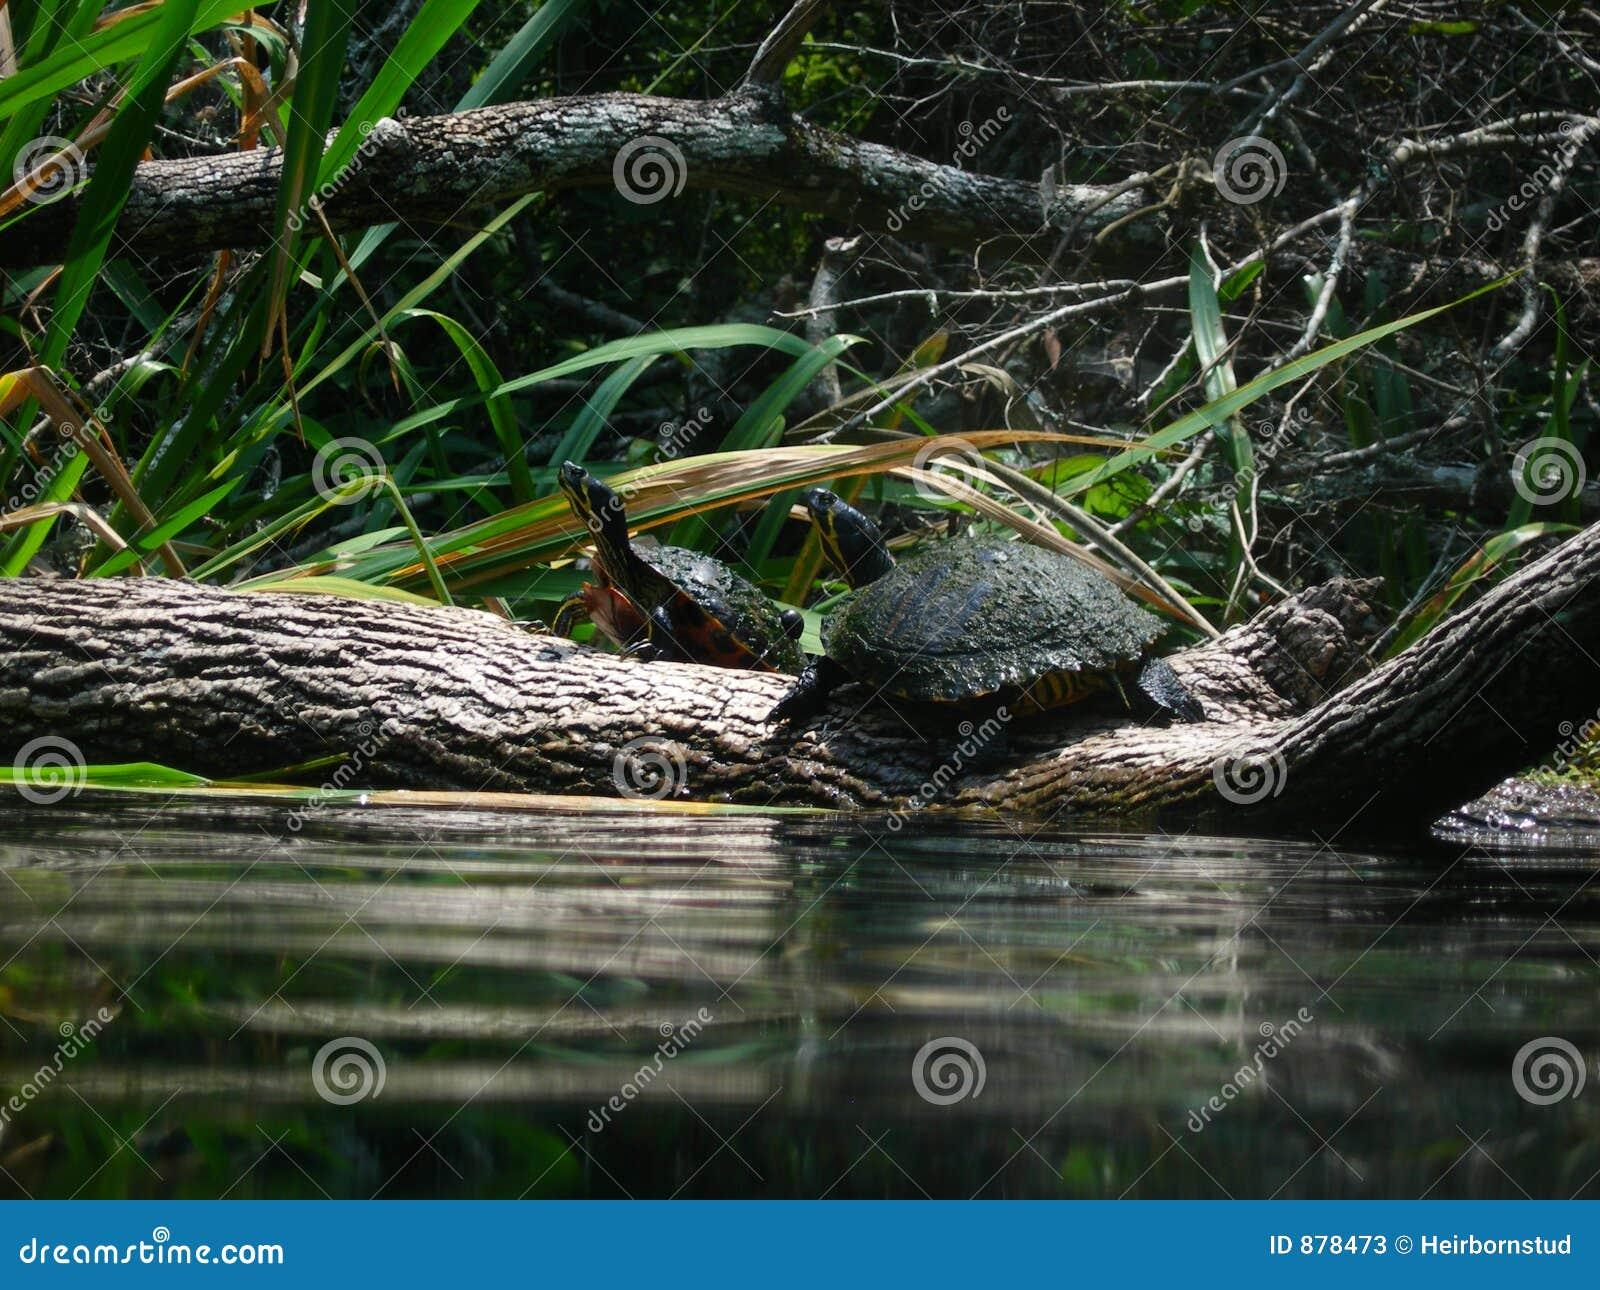 żółwi.